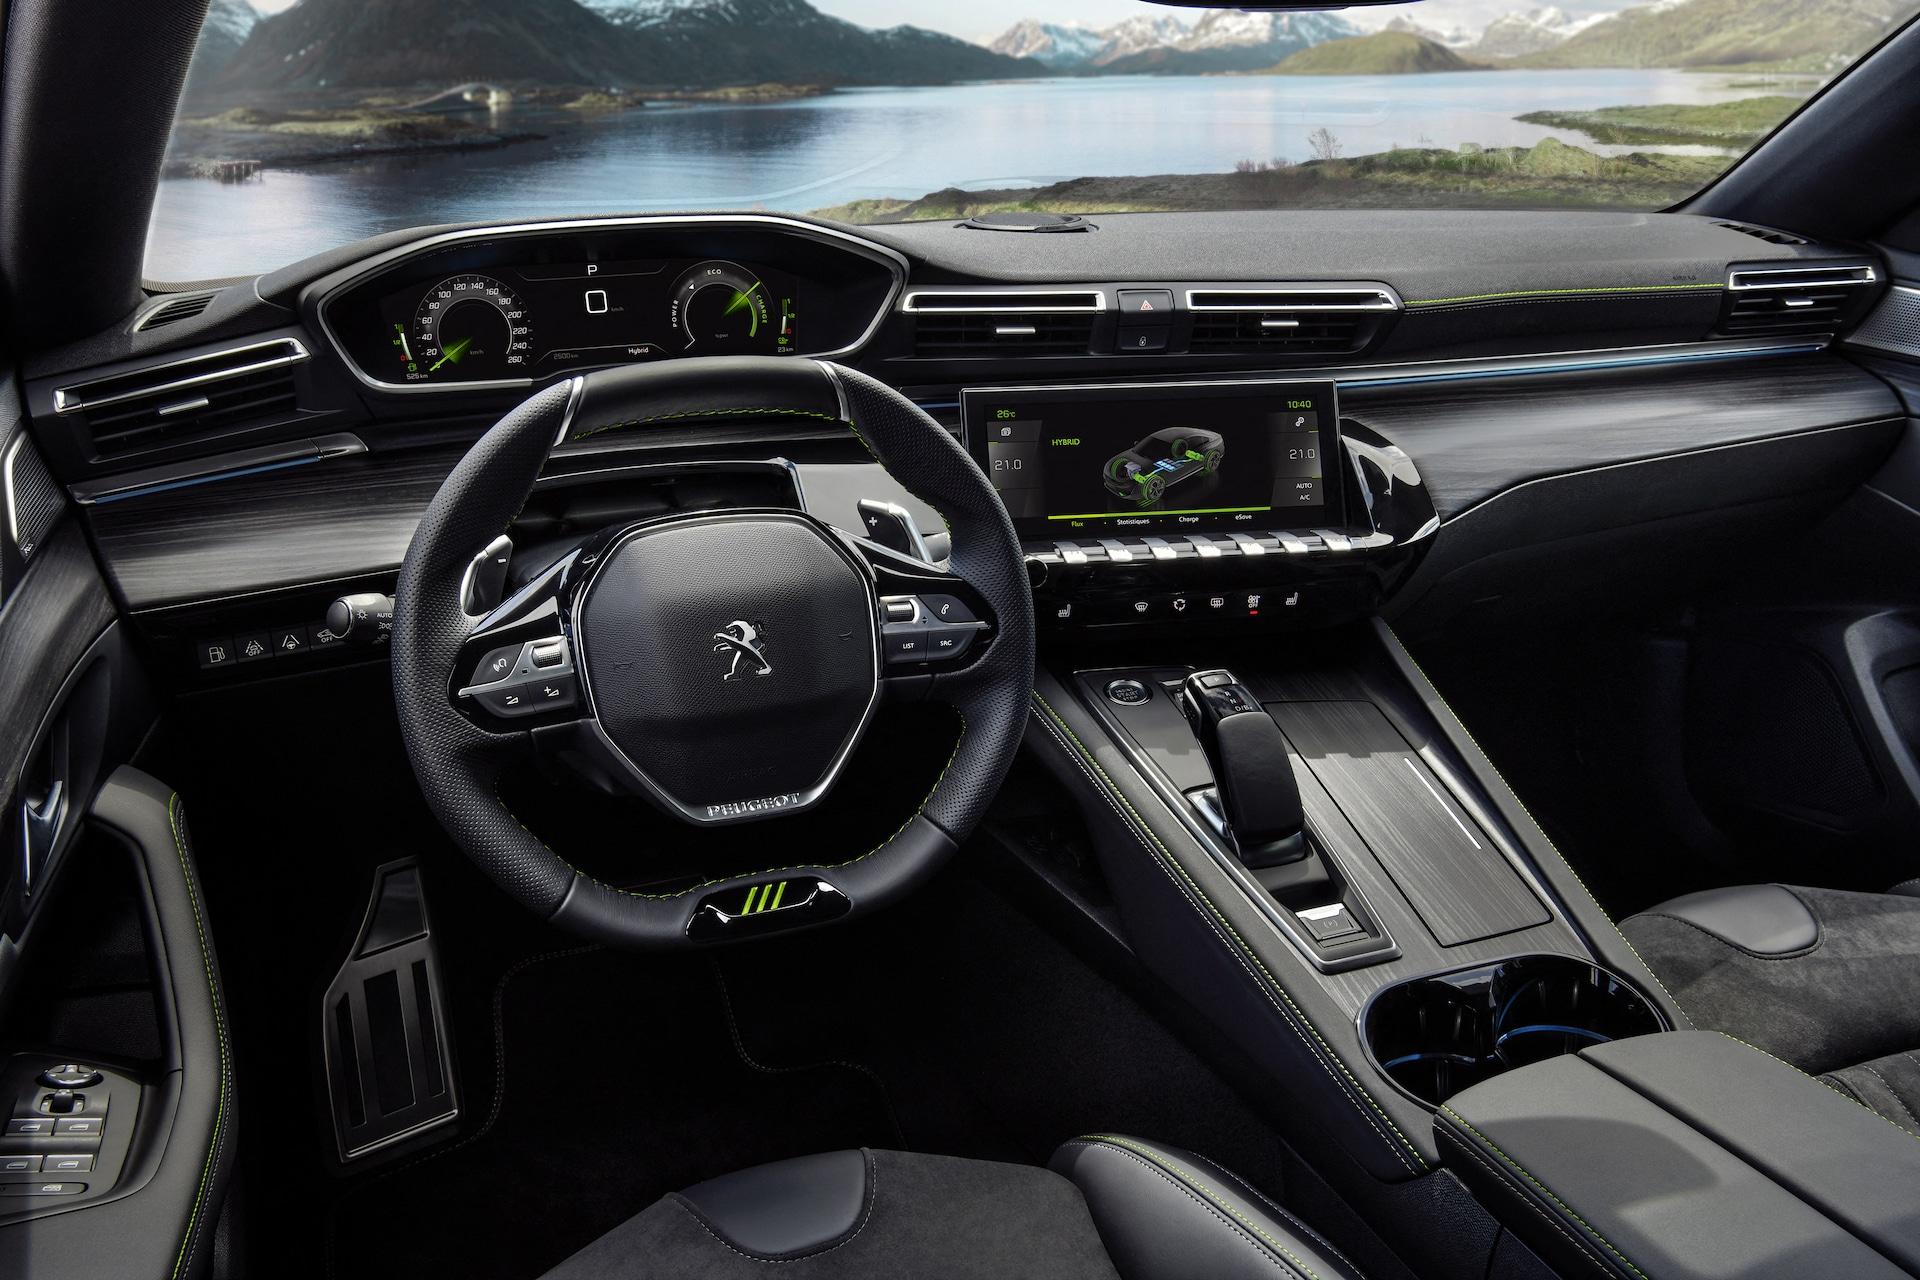 Peugeot-508-PSE-Plug-in-Hybrid-Cockpit